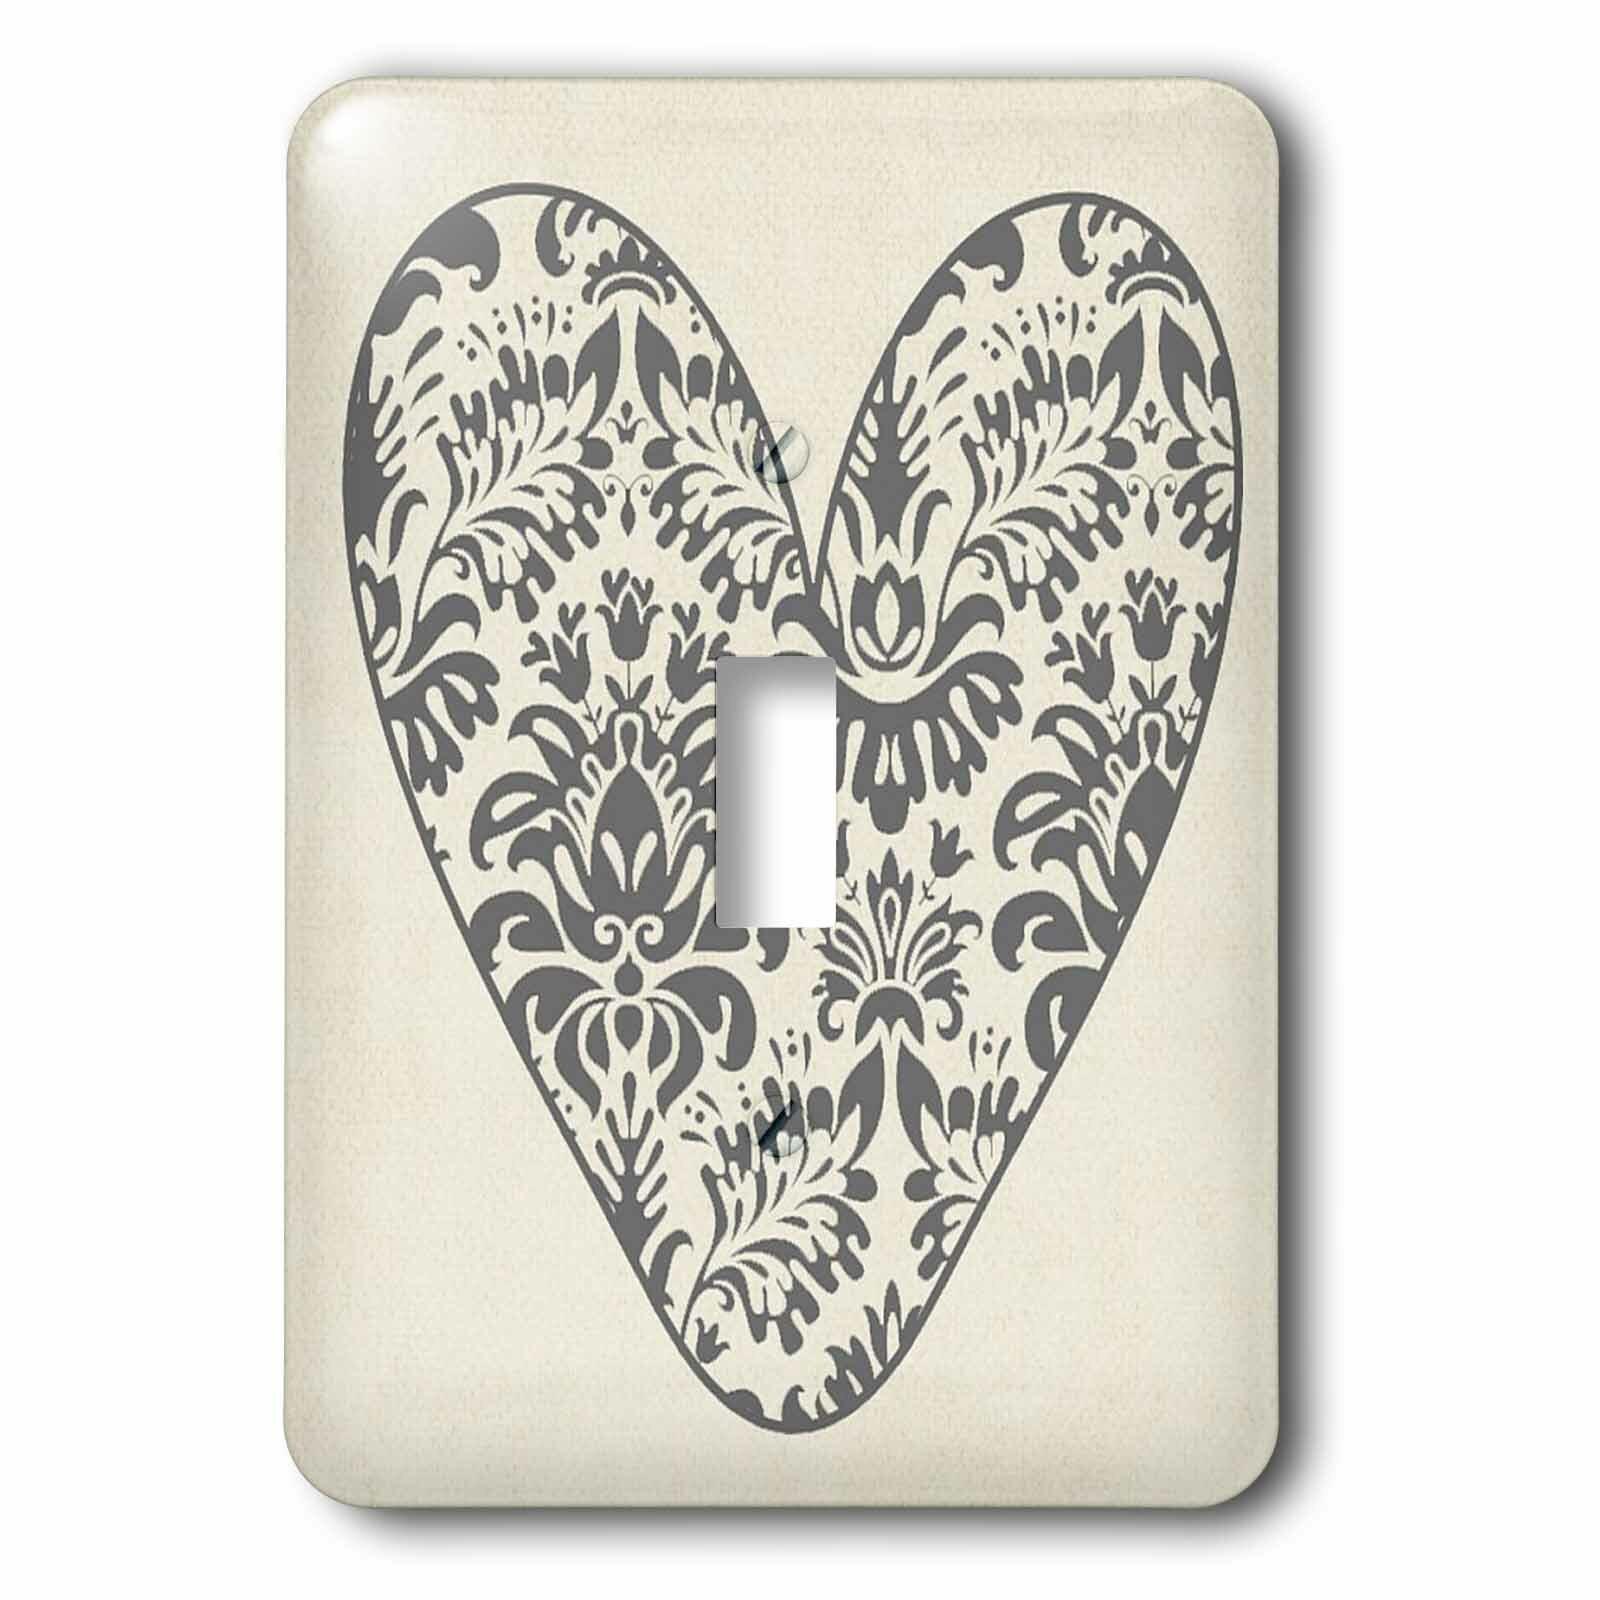 3drose Pretty Art Nouveau Flower Heart 1 Gang Toggle Light Switch Wall Plate Wayfair